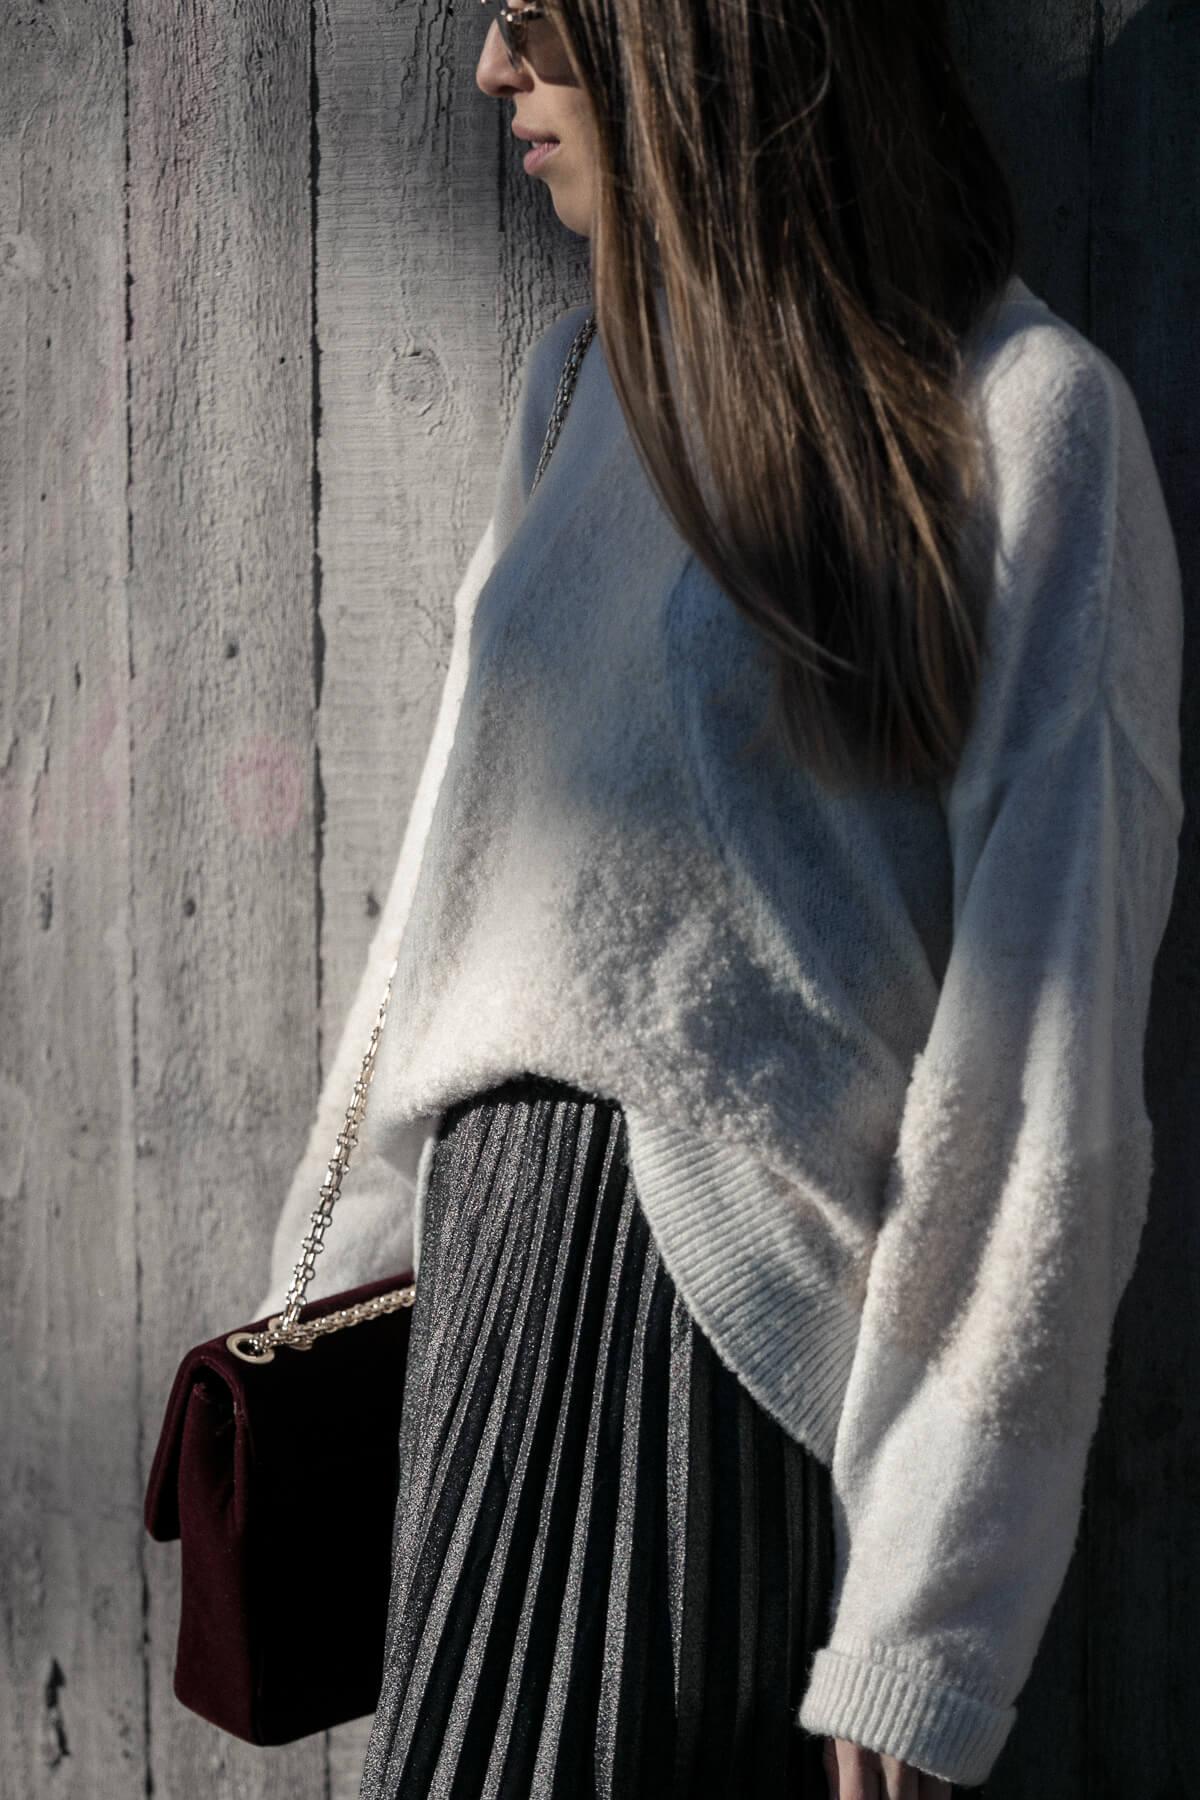 großer Lagerverkauf Offizieller Lieferant elegant und anmutig Gedankenchaos und Metallic Plissee Rock Outfit - LIEBREIZEND